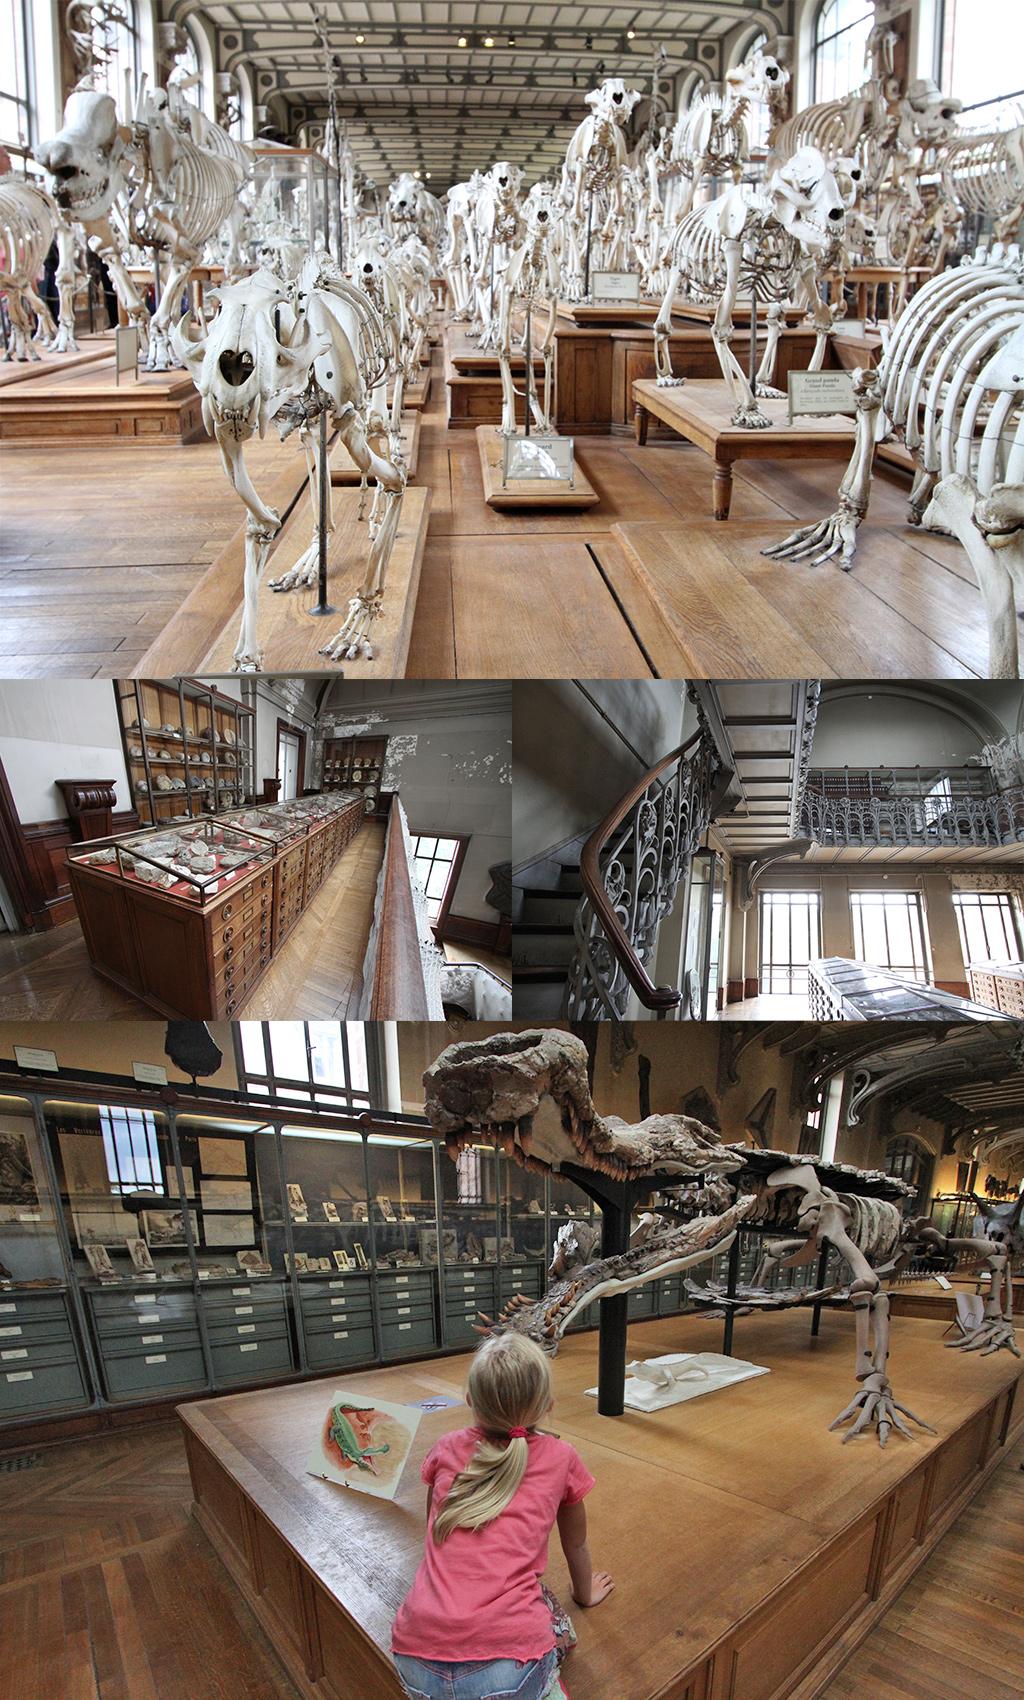 Galérie de Paléontologie et d'anatomie Parijs